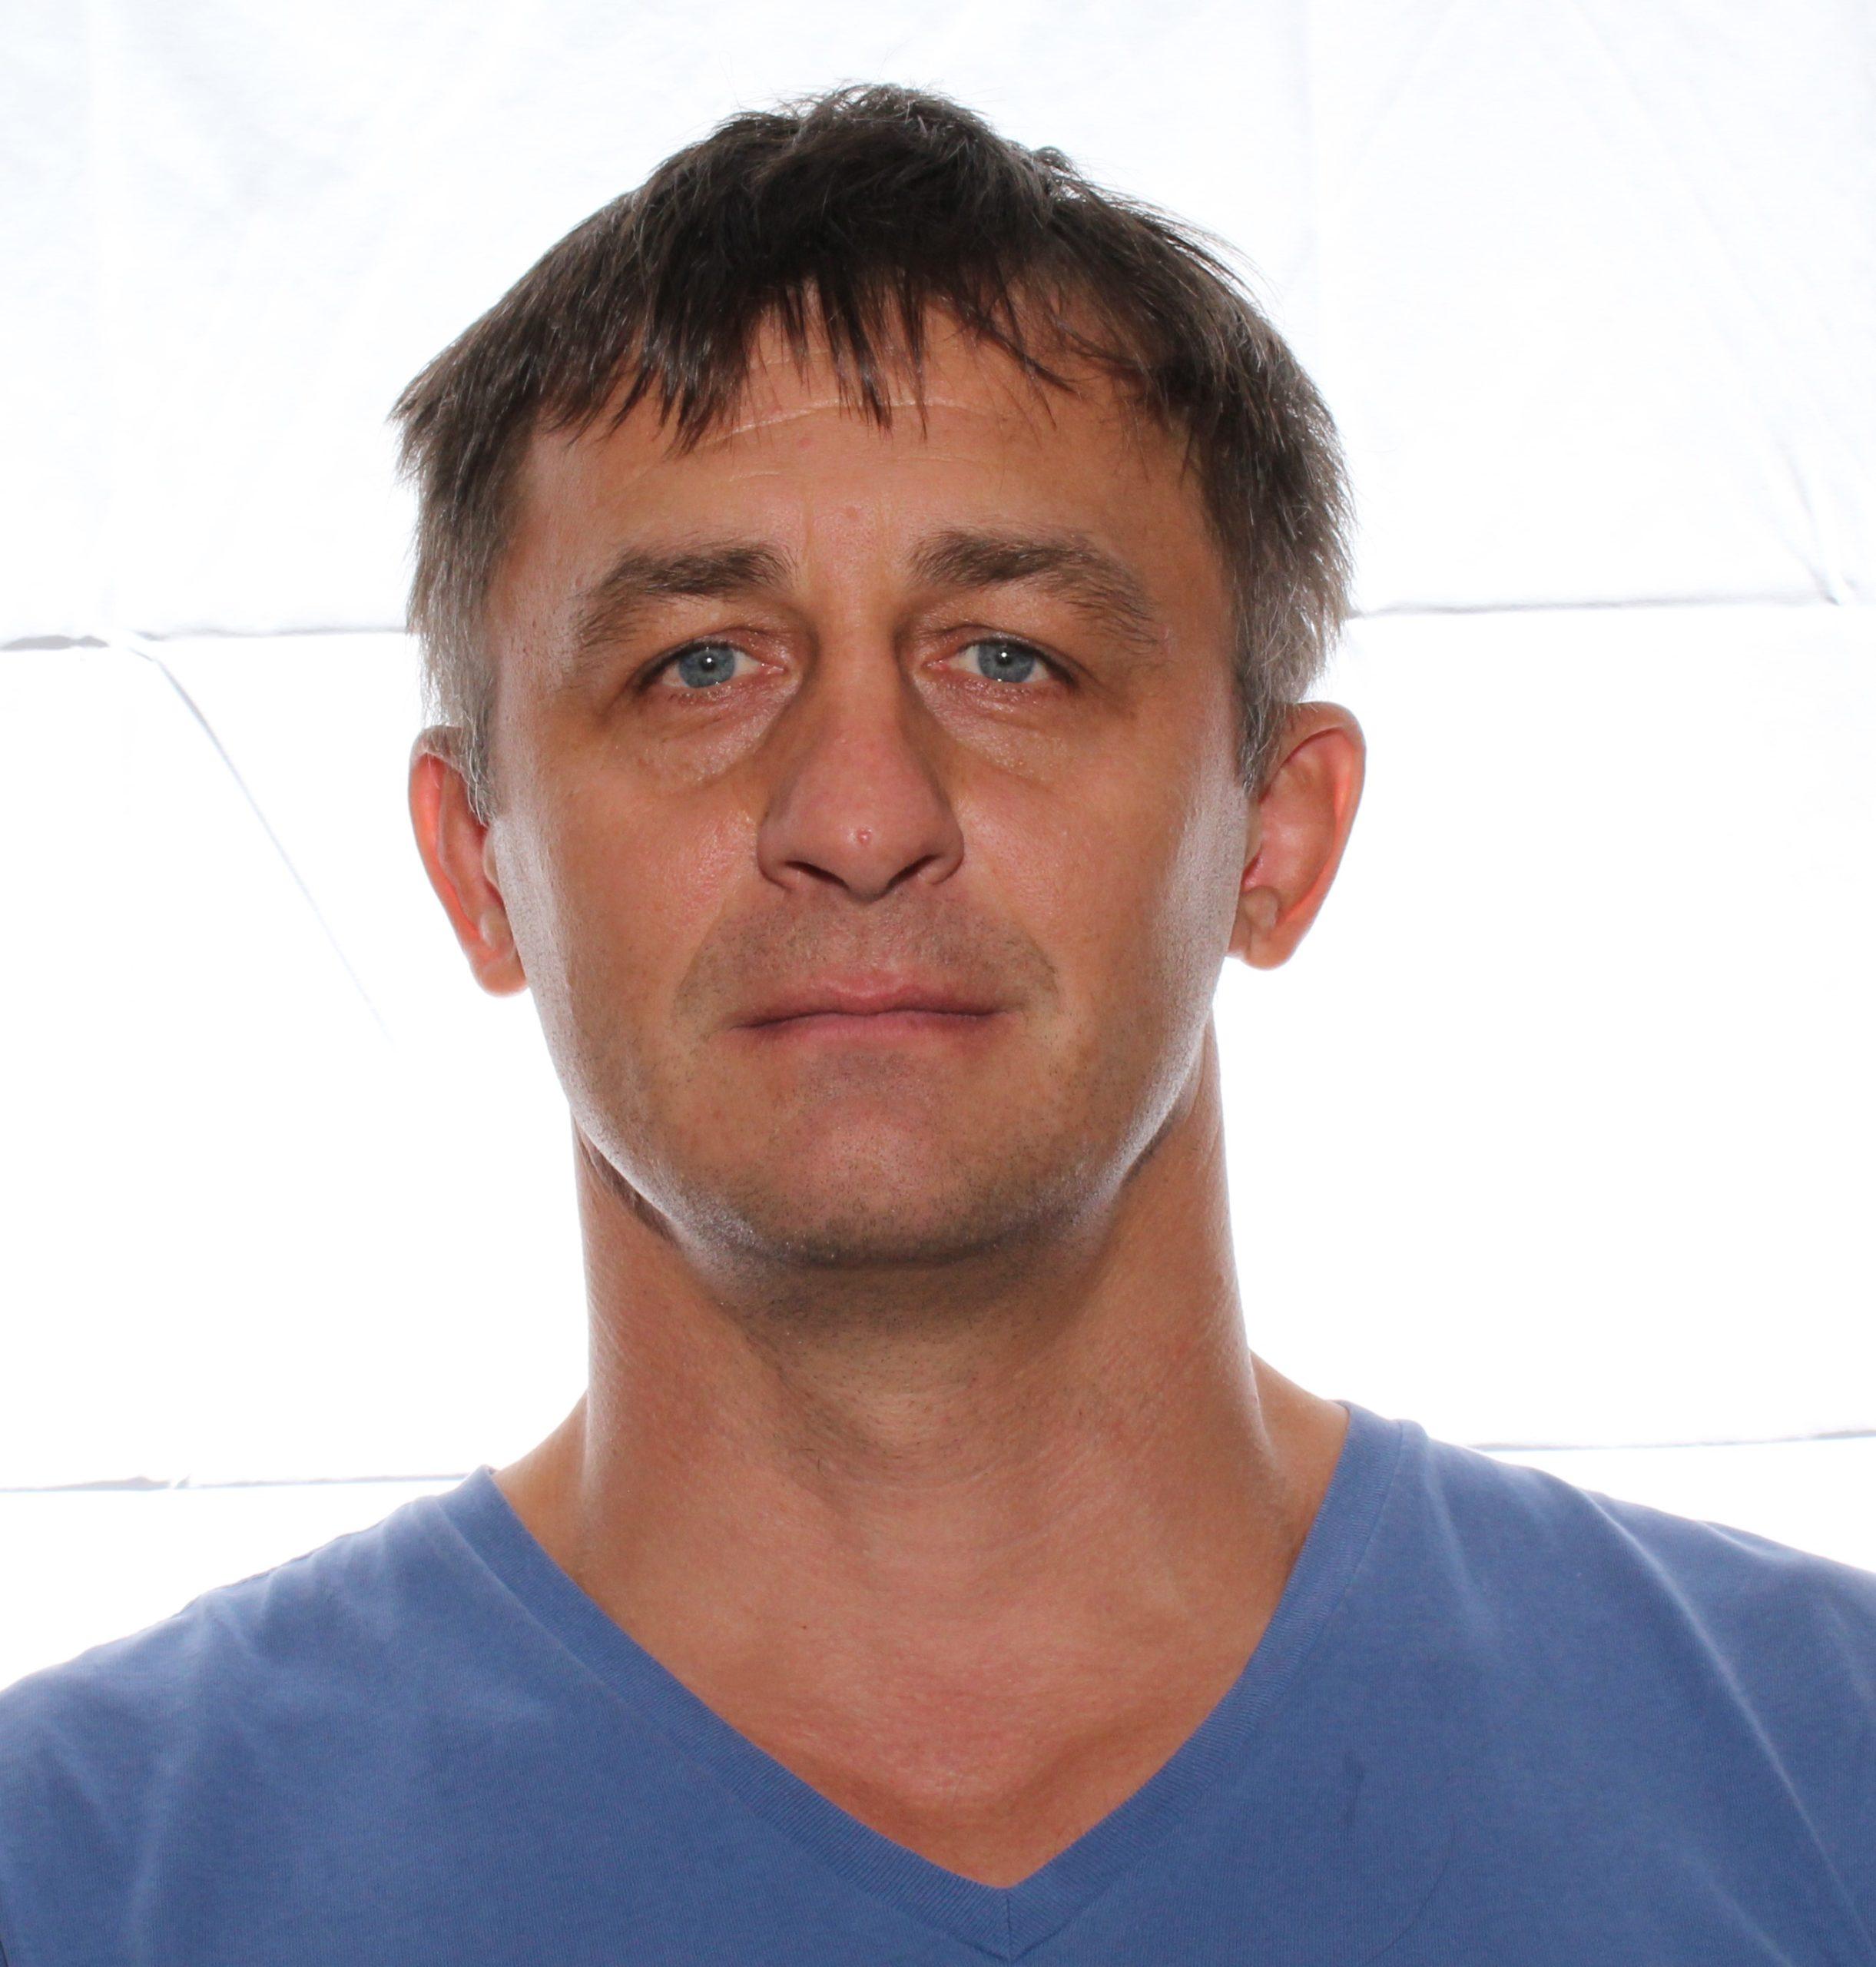 Погорелов Сергей Альбертович : Тренер по вольной борьбе